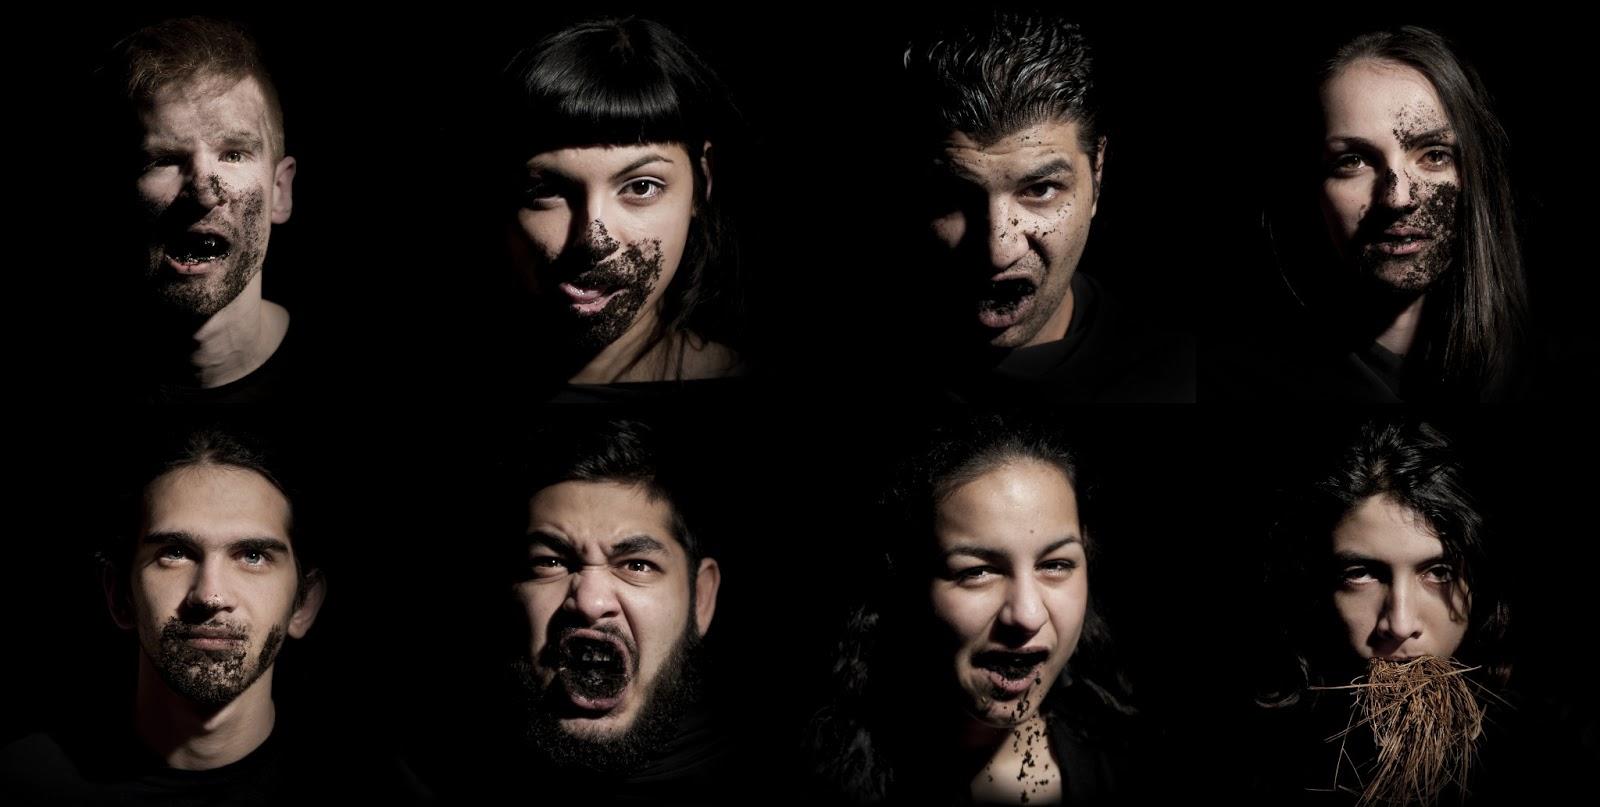 Fotó: fuggetlenszinhaz.blogspot.com